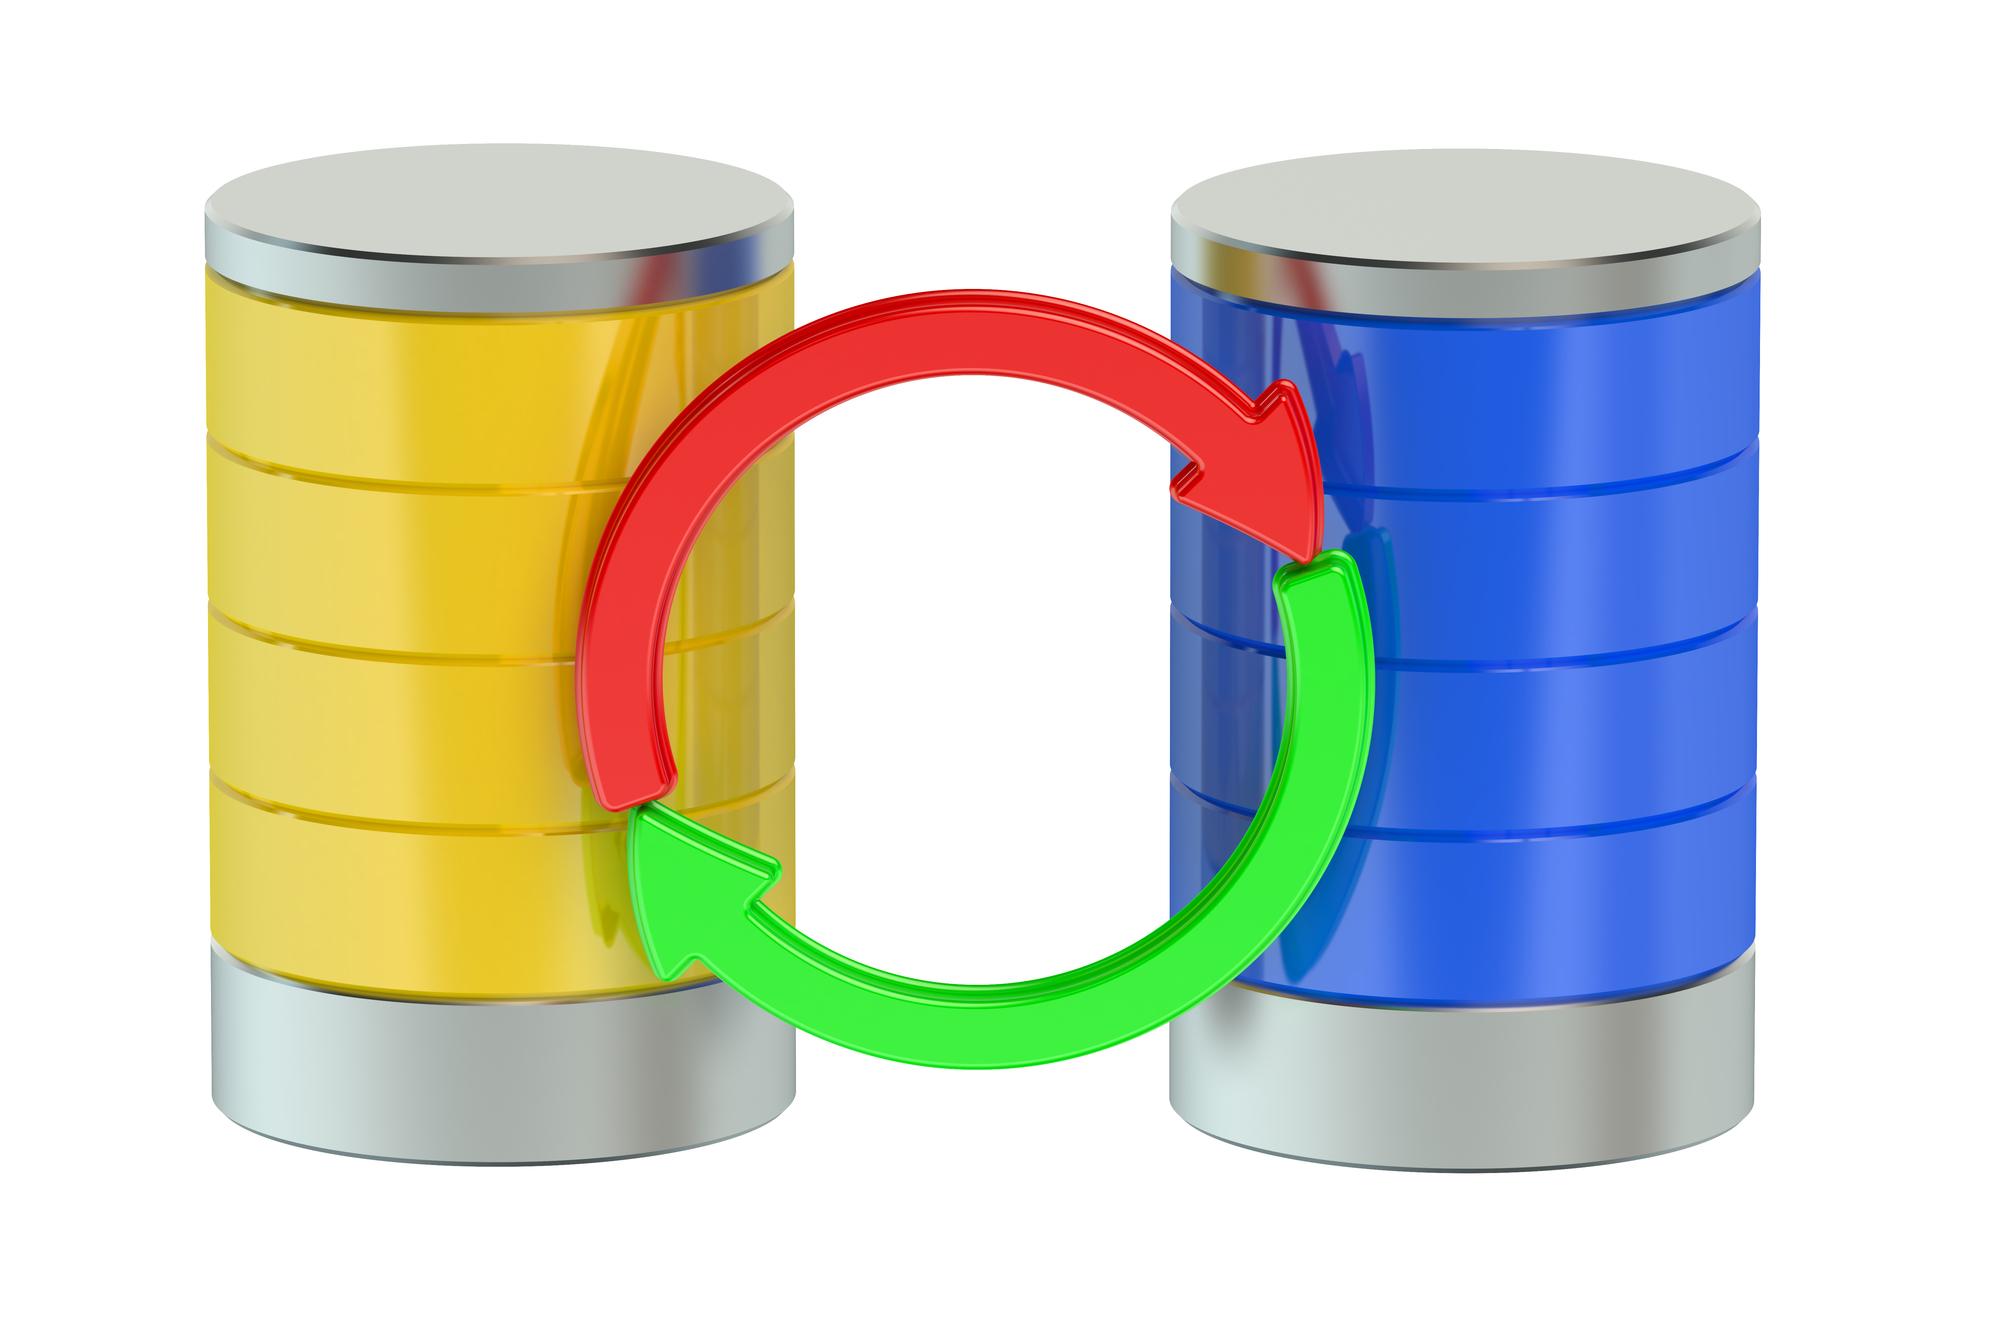 Database computing storage isolated on white background